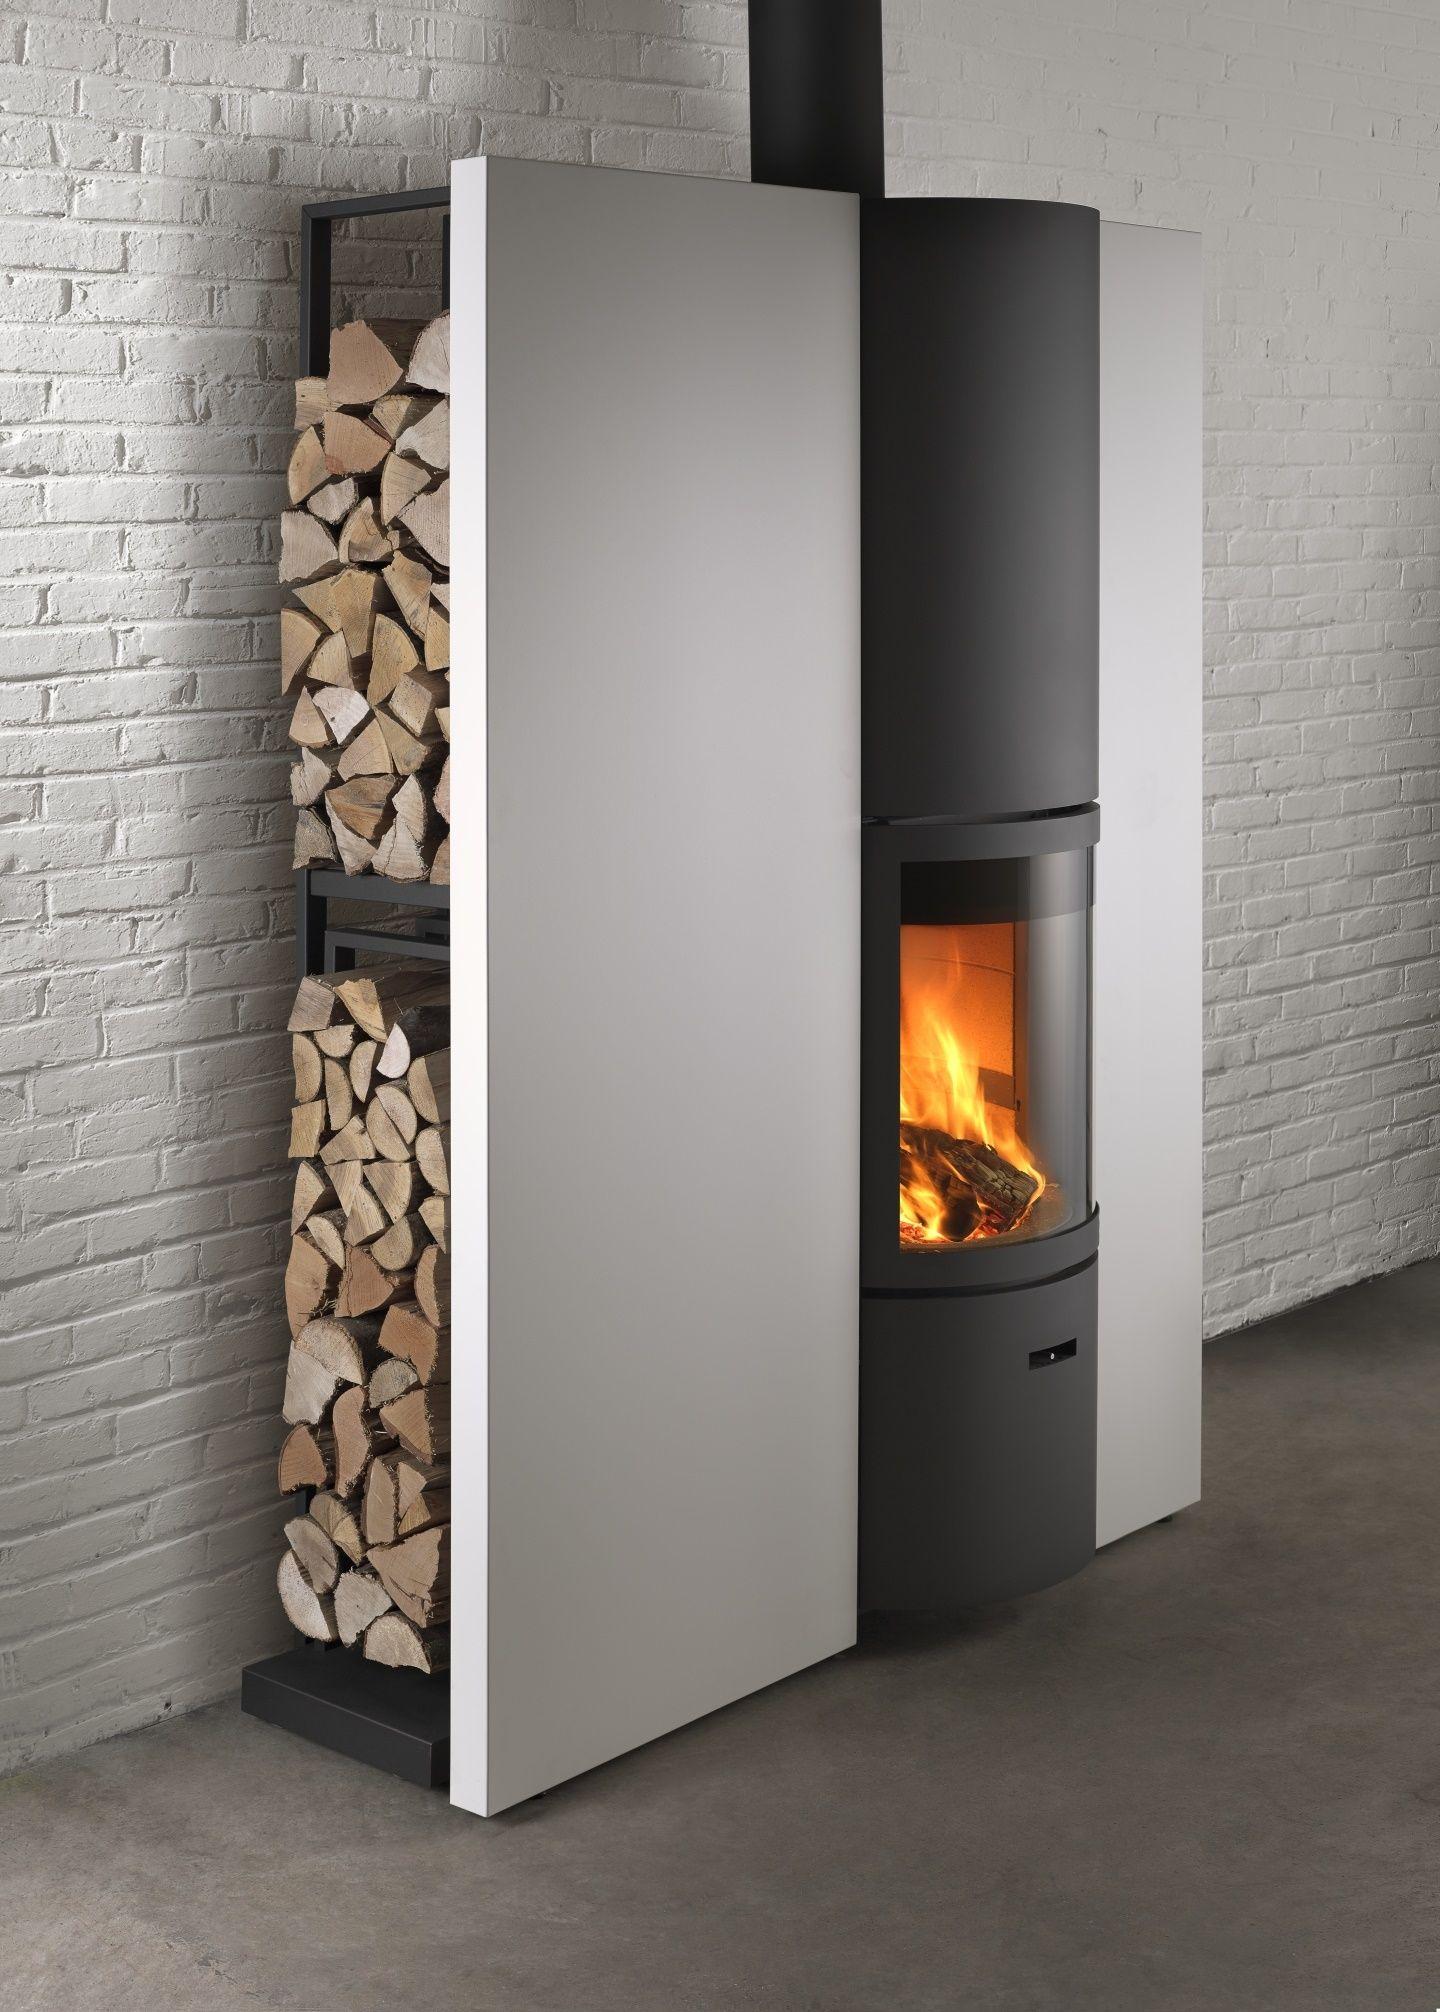 houtkachel in plaatsklare schouw Stuv 30 in Wood stove